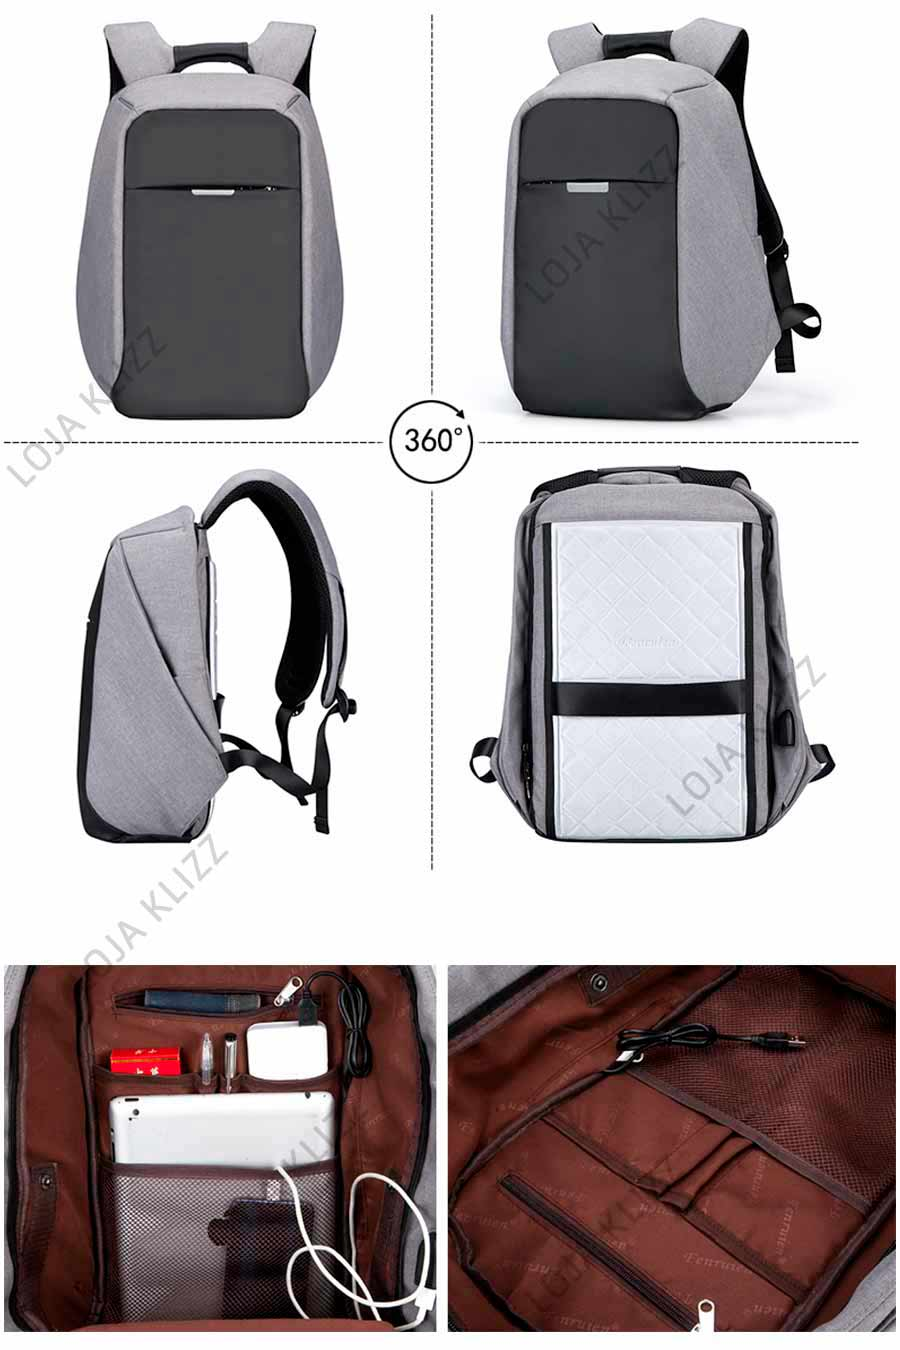 Mochila FR Antifurto com USB Notebook Impermeável   - KLIZZ